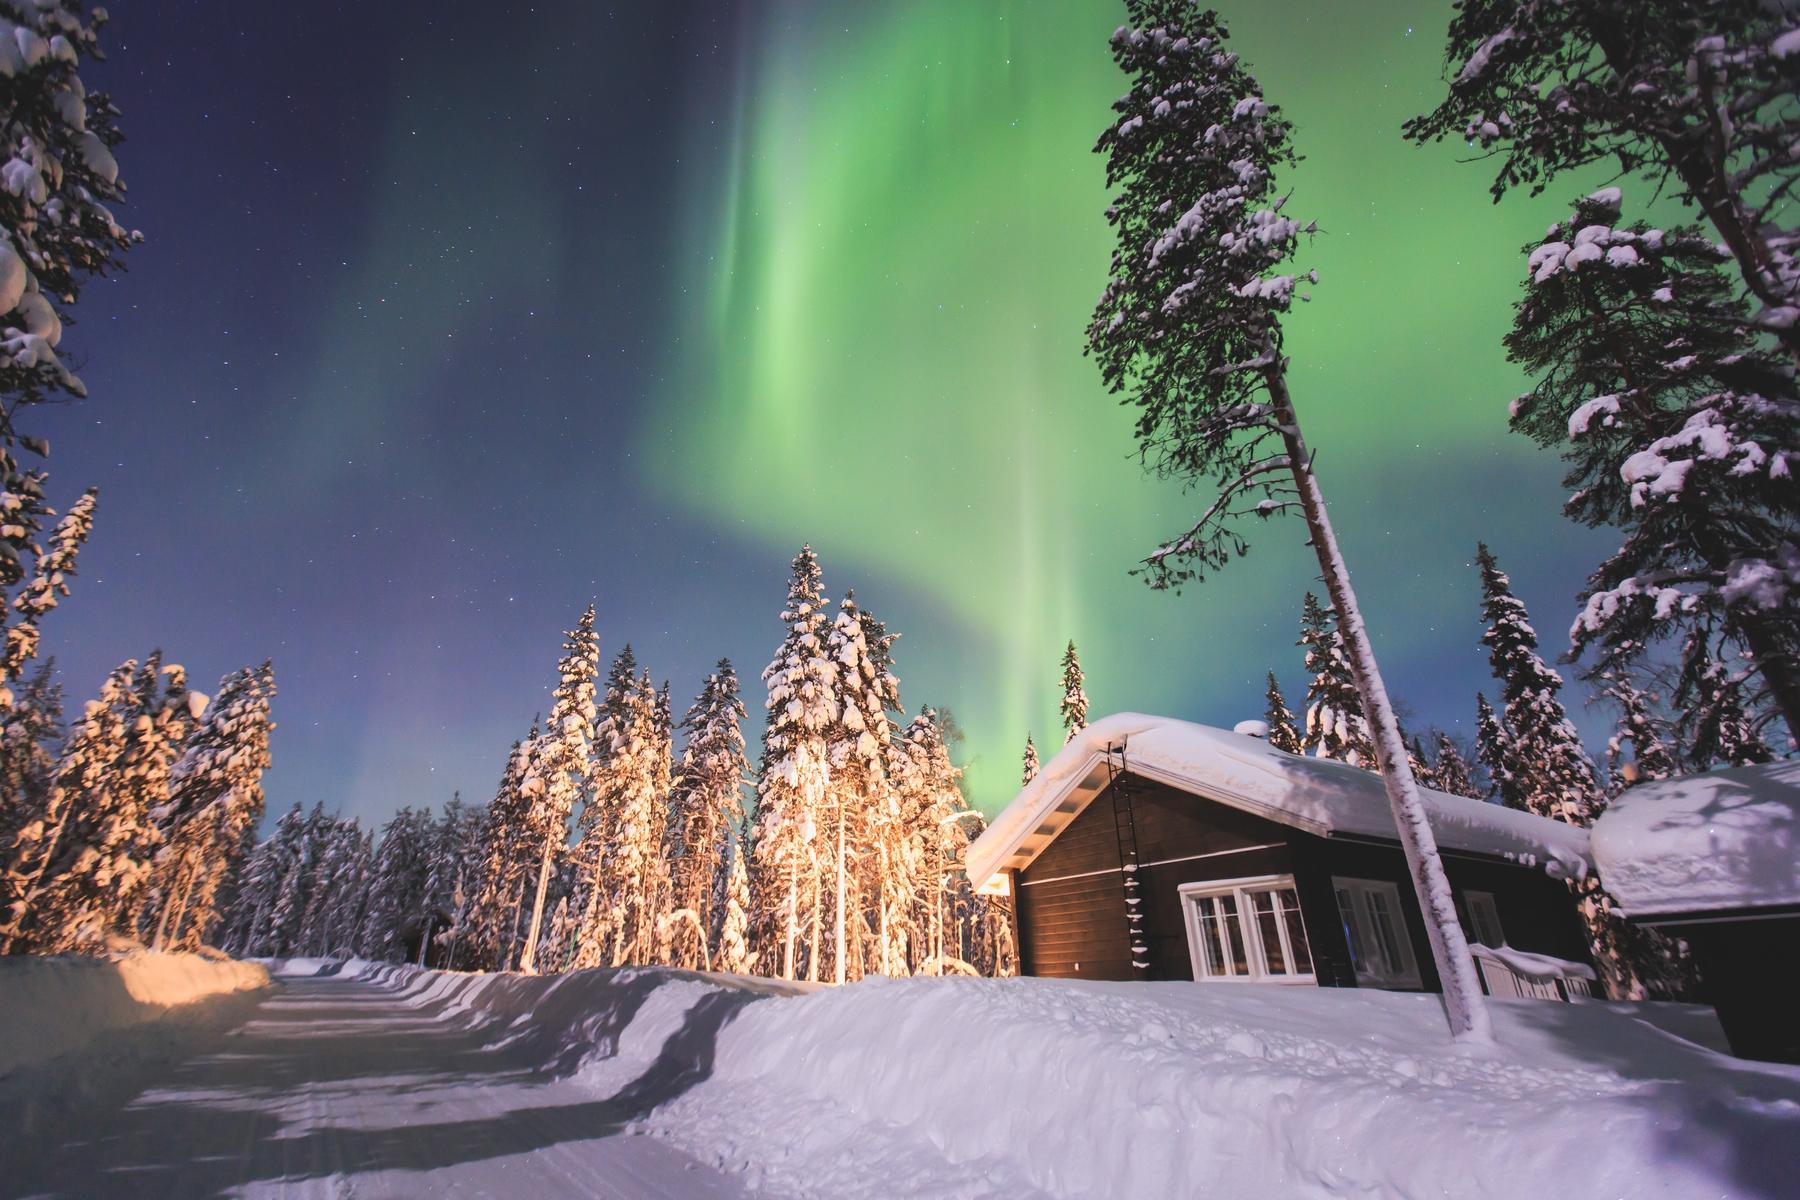 Дешевые билеты в Финляндию для волшебного отдыха с семьей